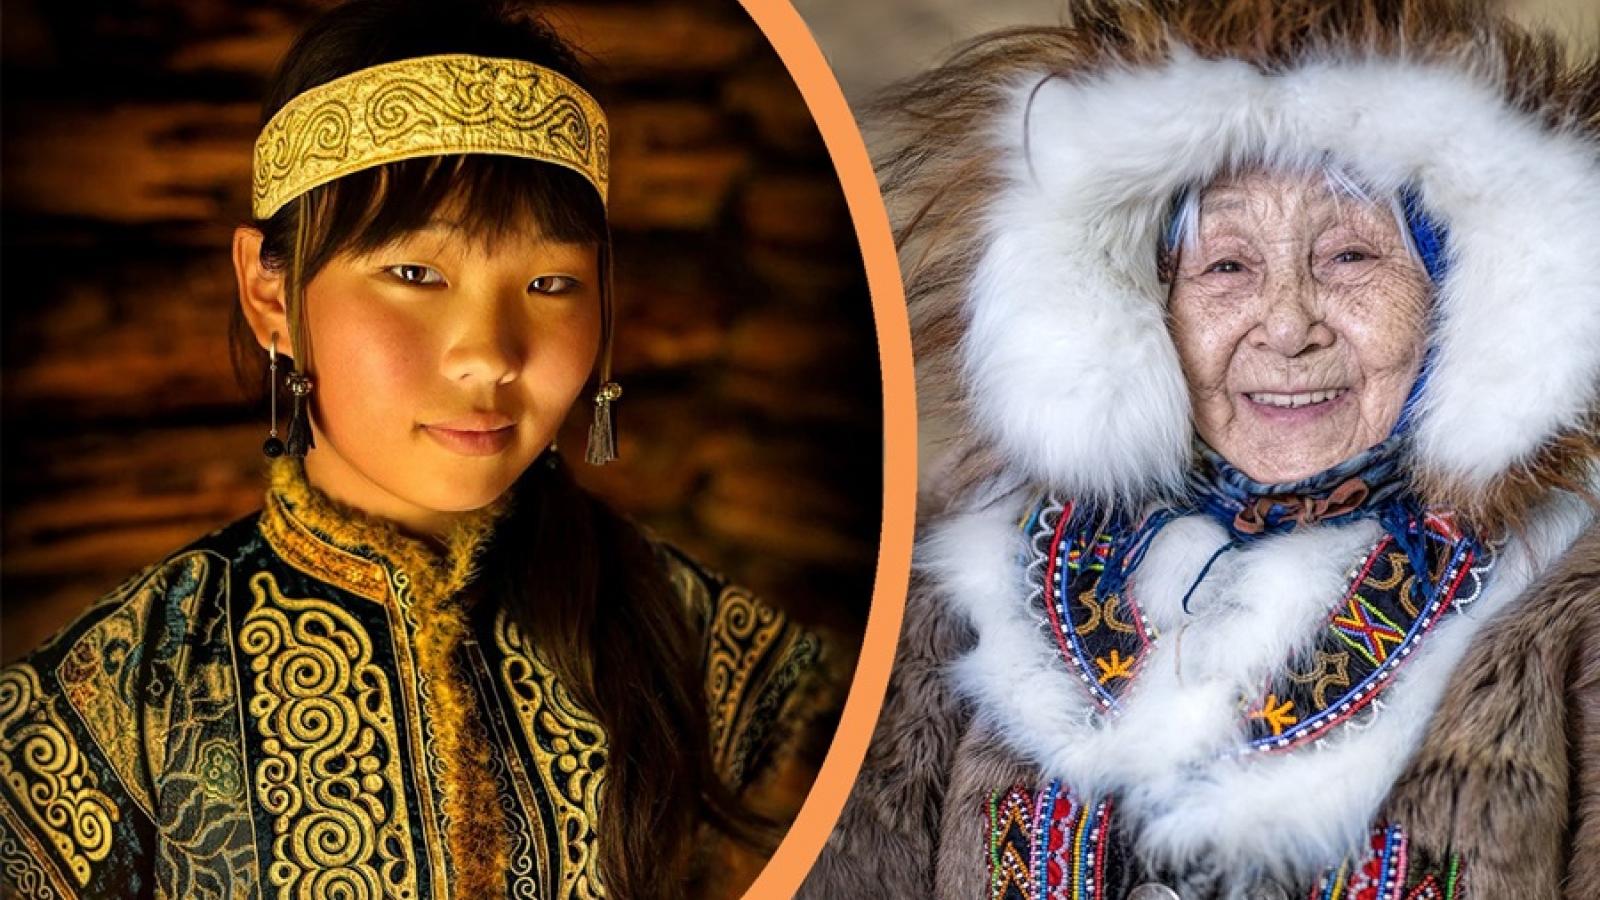 Ảnh siêu đẹp về phụ nữ các dân tộc thiểu số ở Nga